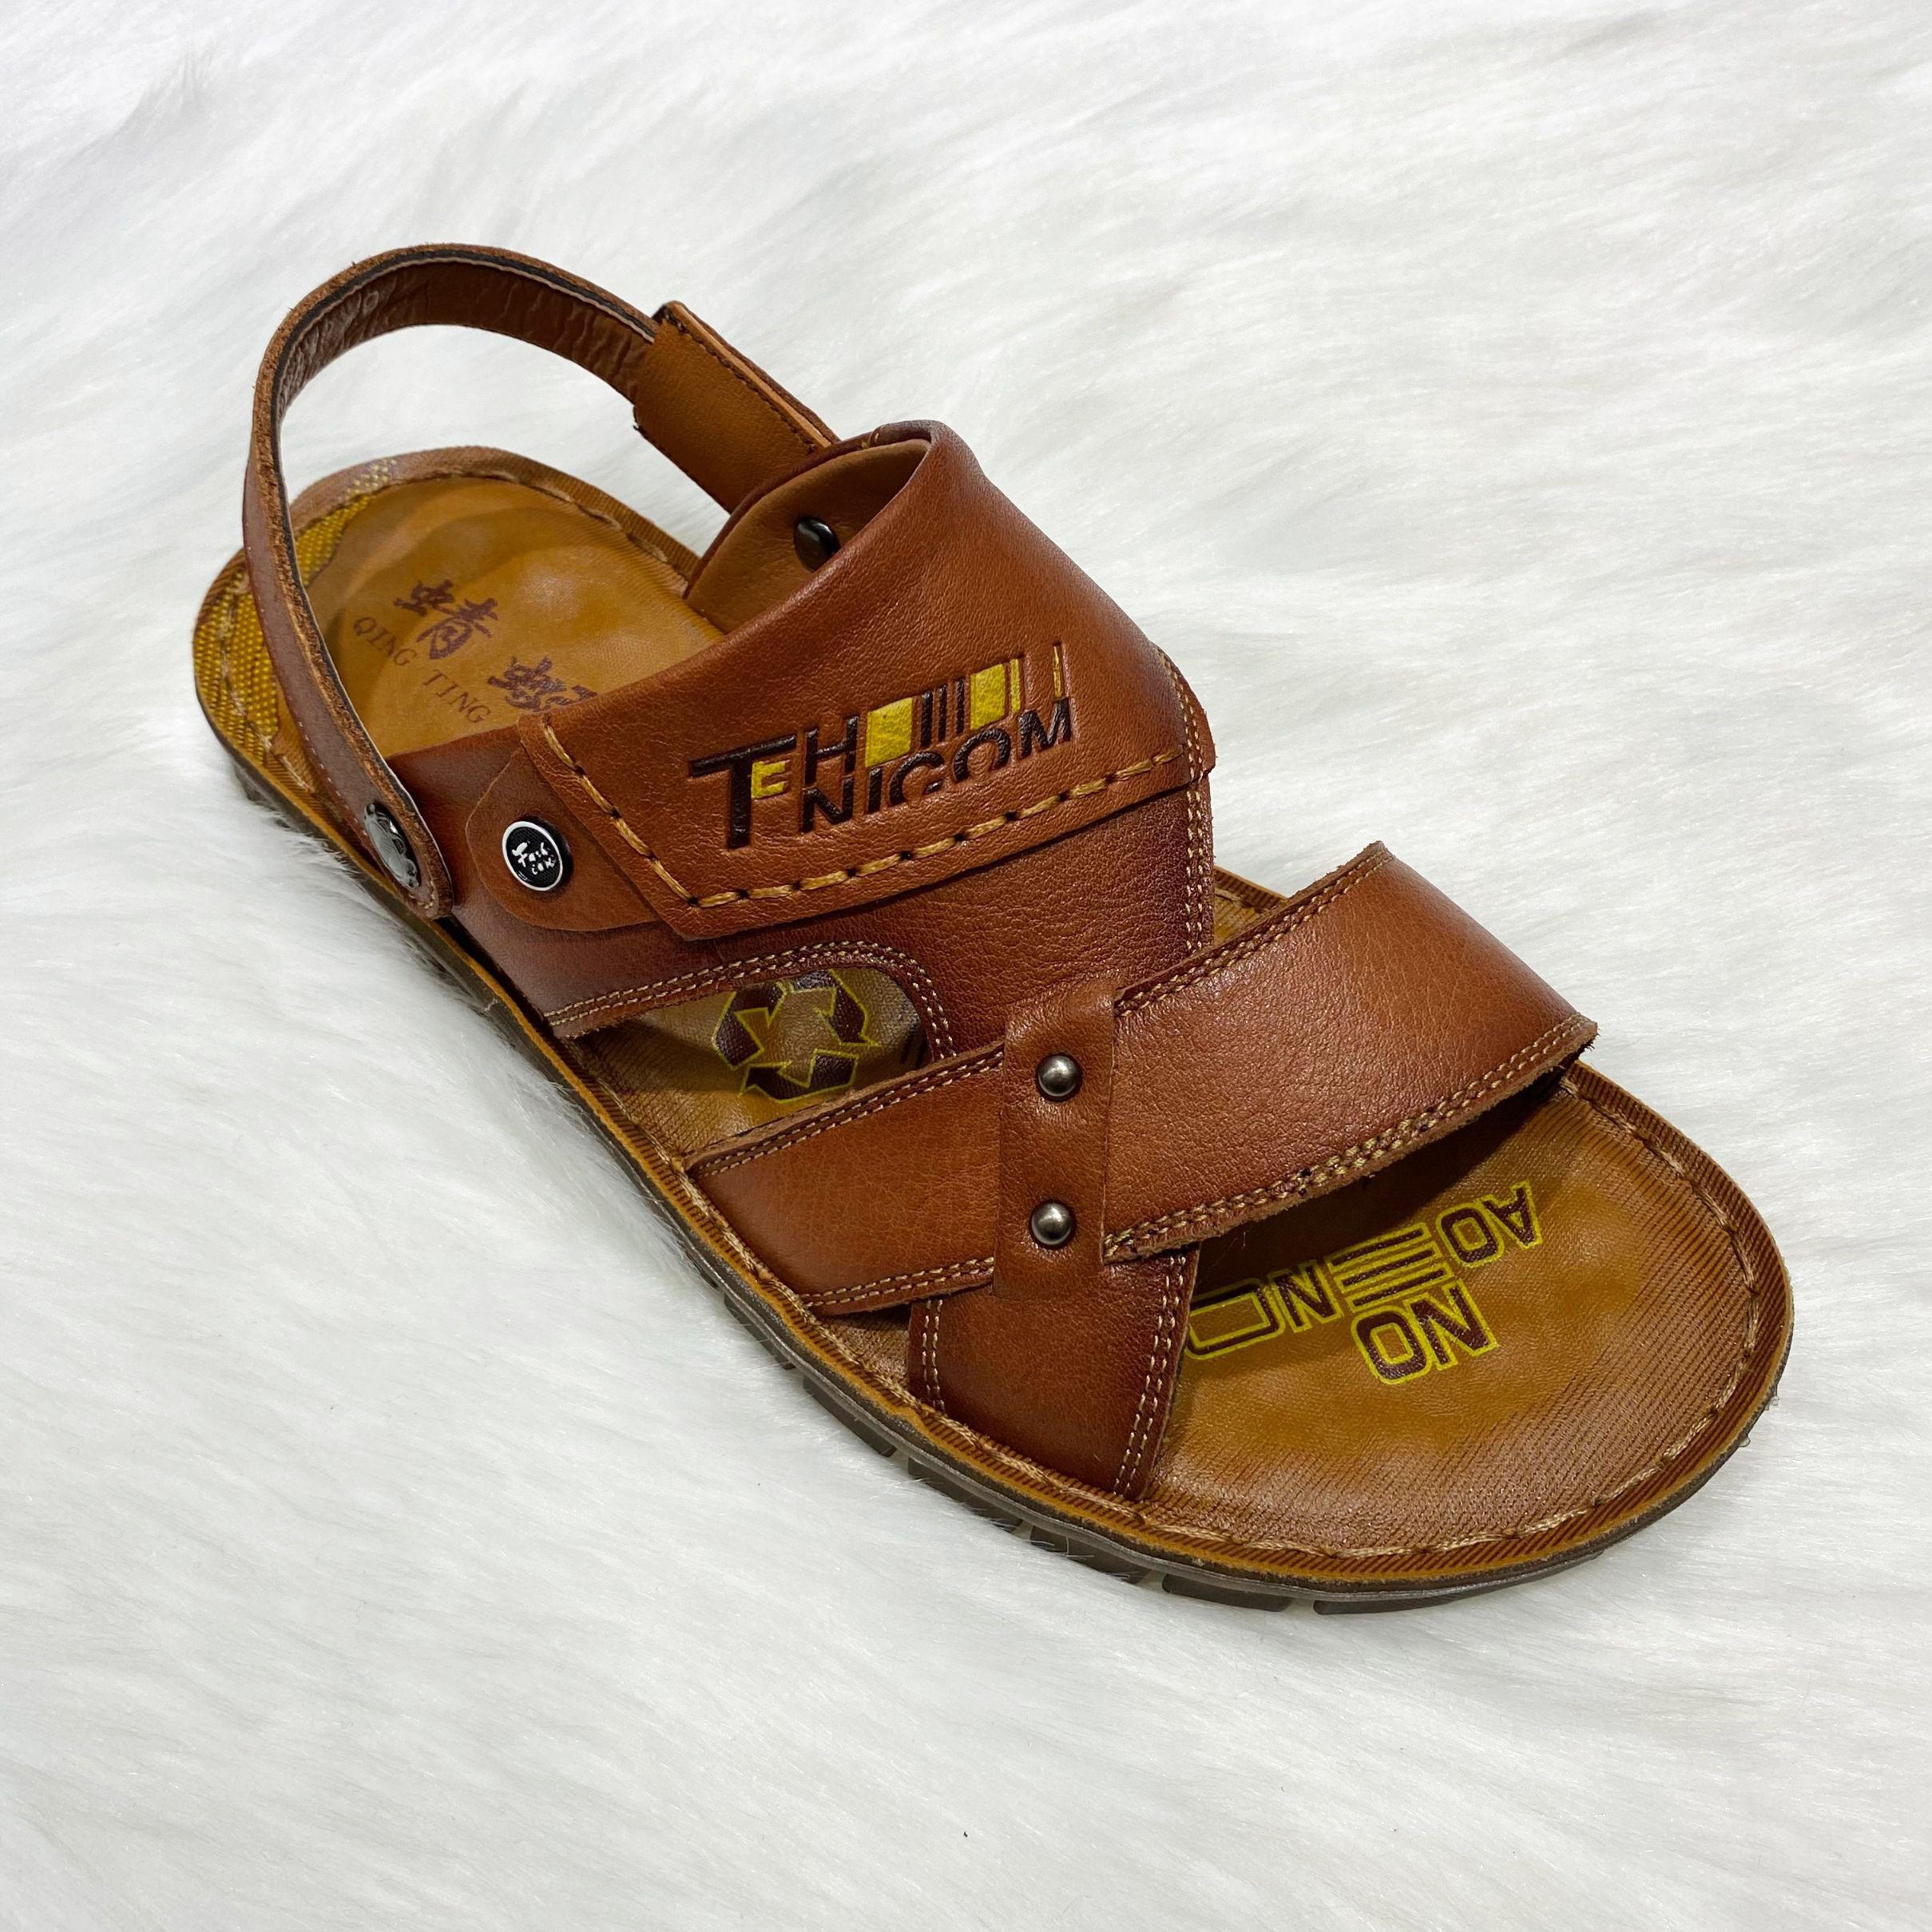 男士时尚夏季真皮休闲沙滩鞋柔软舒适男士凉拖鞋Man's sandals